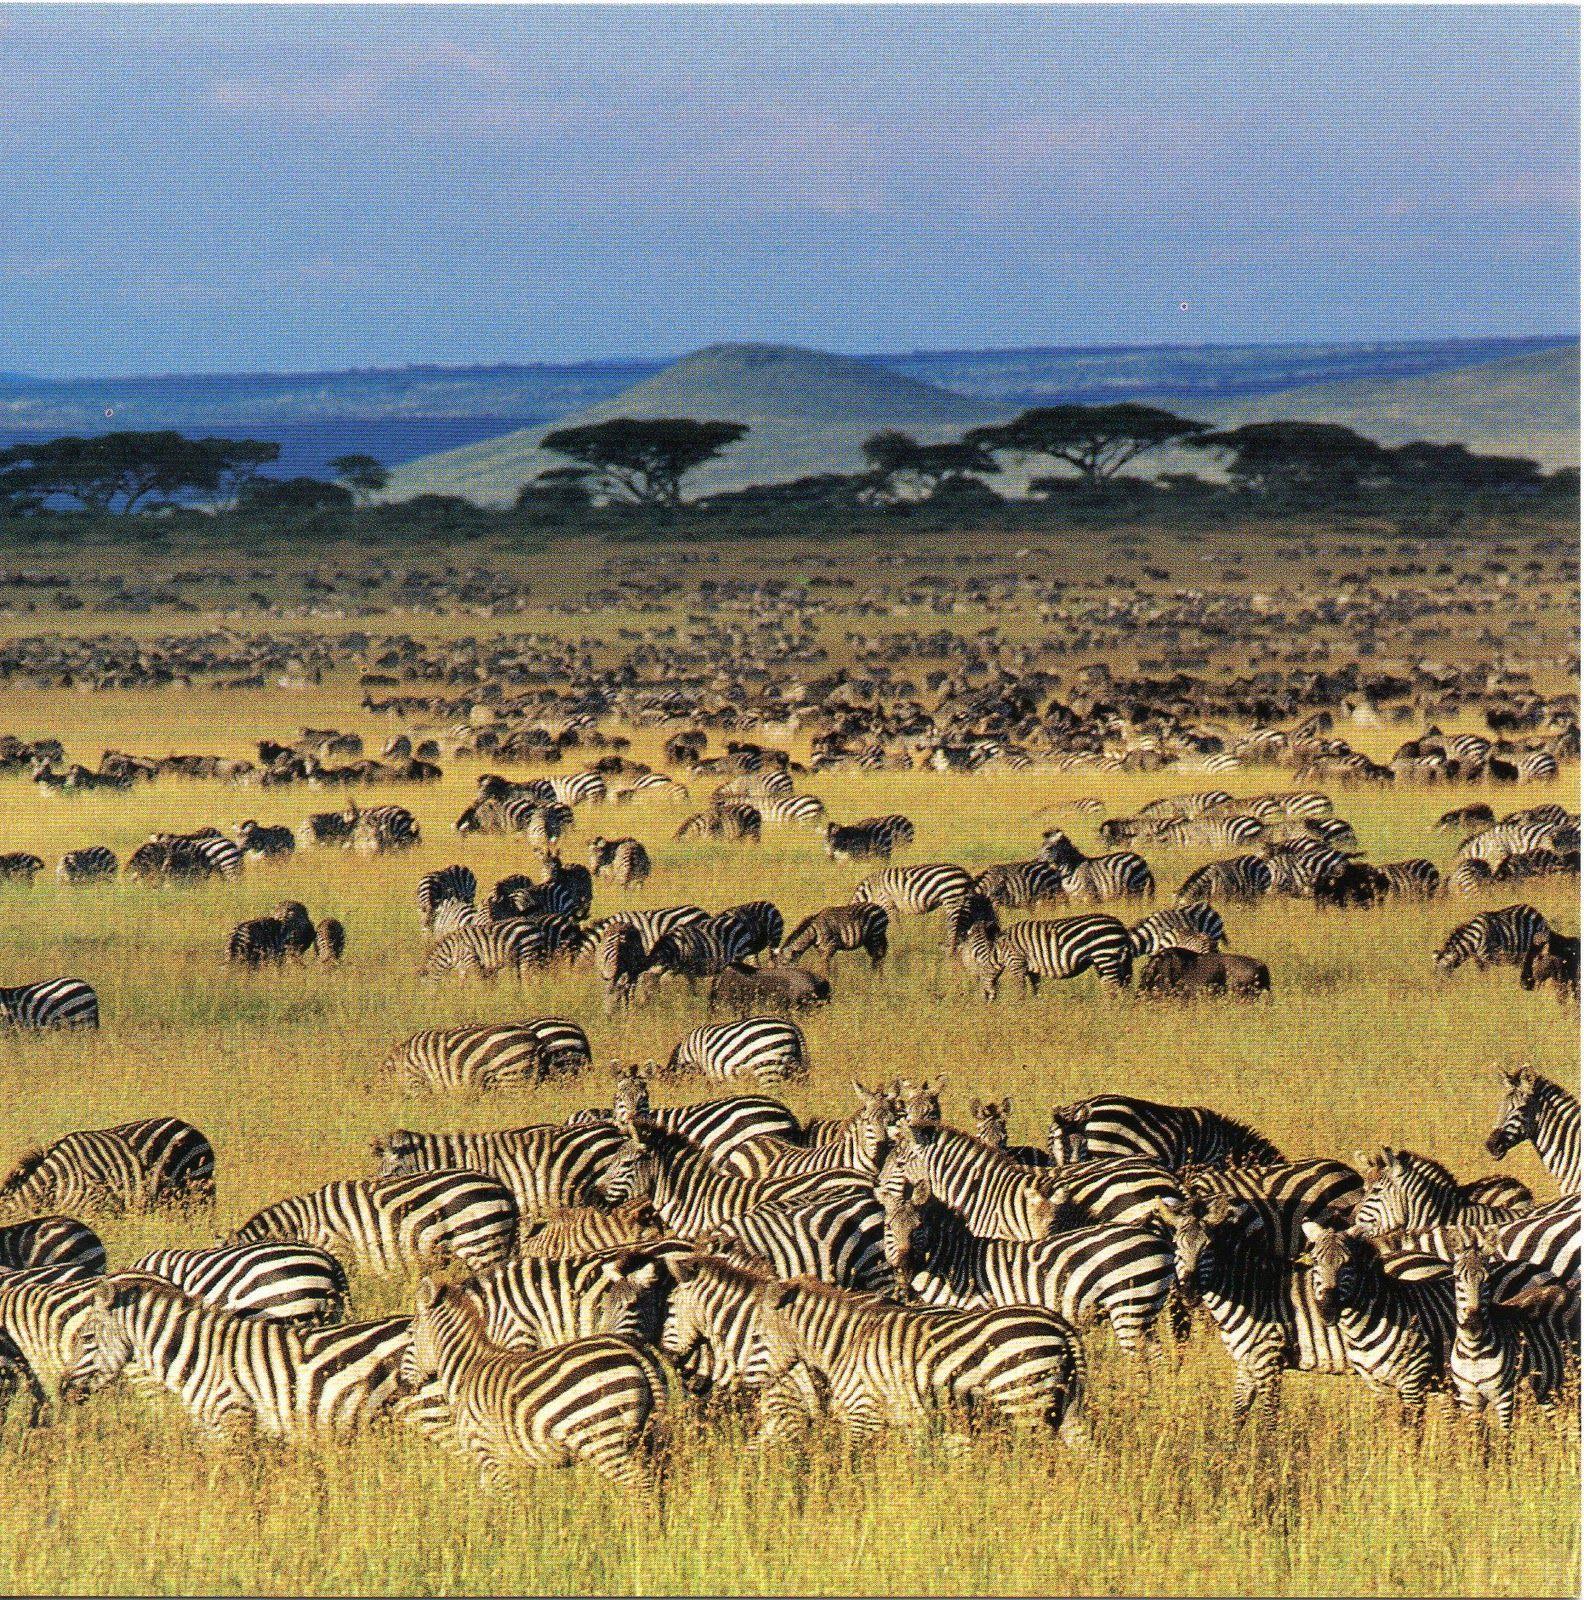 Unesco Gforpcrossing Tanzania Serengeti National Park Serengeti National Park National Parks Africa Safari